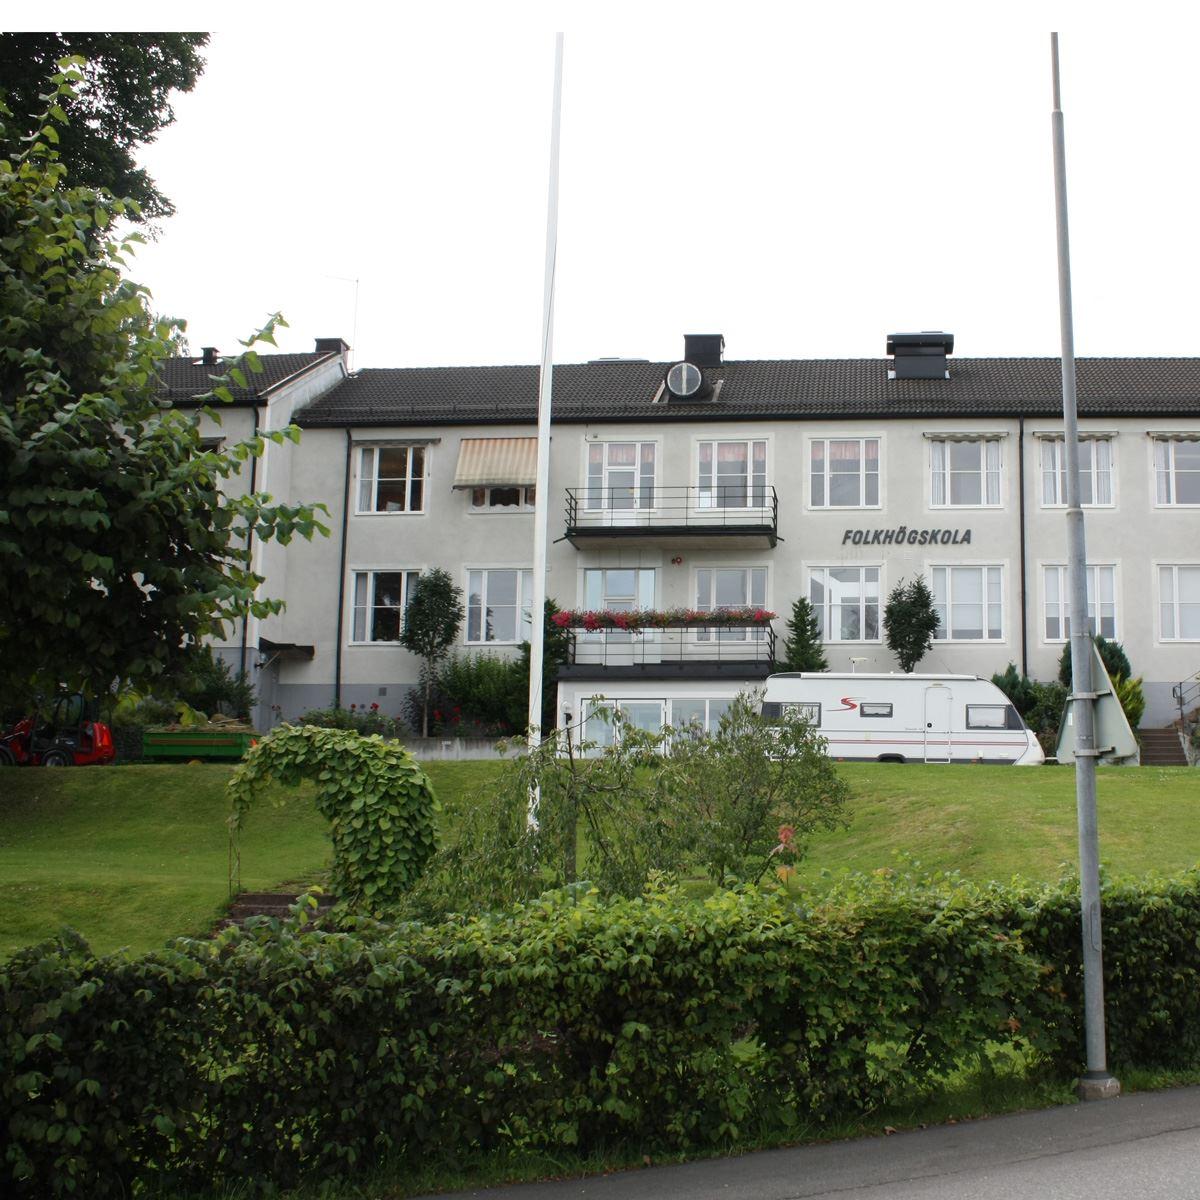 Folkhögskolans Vandrarhem Värnamo